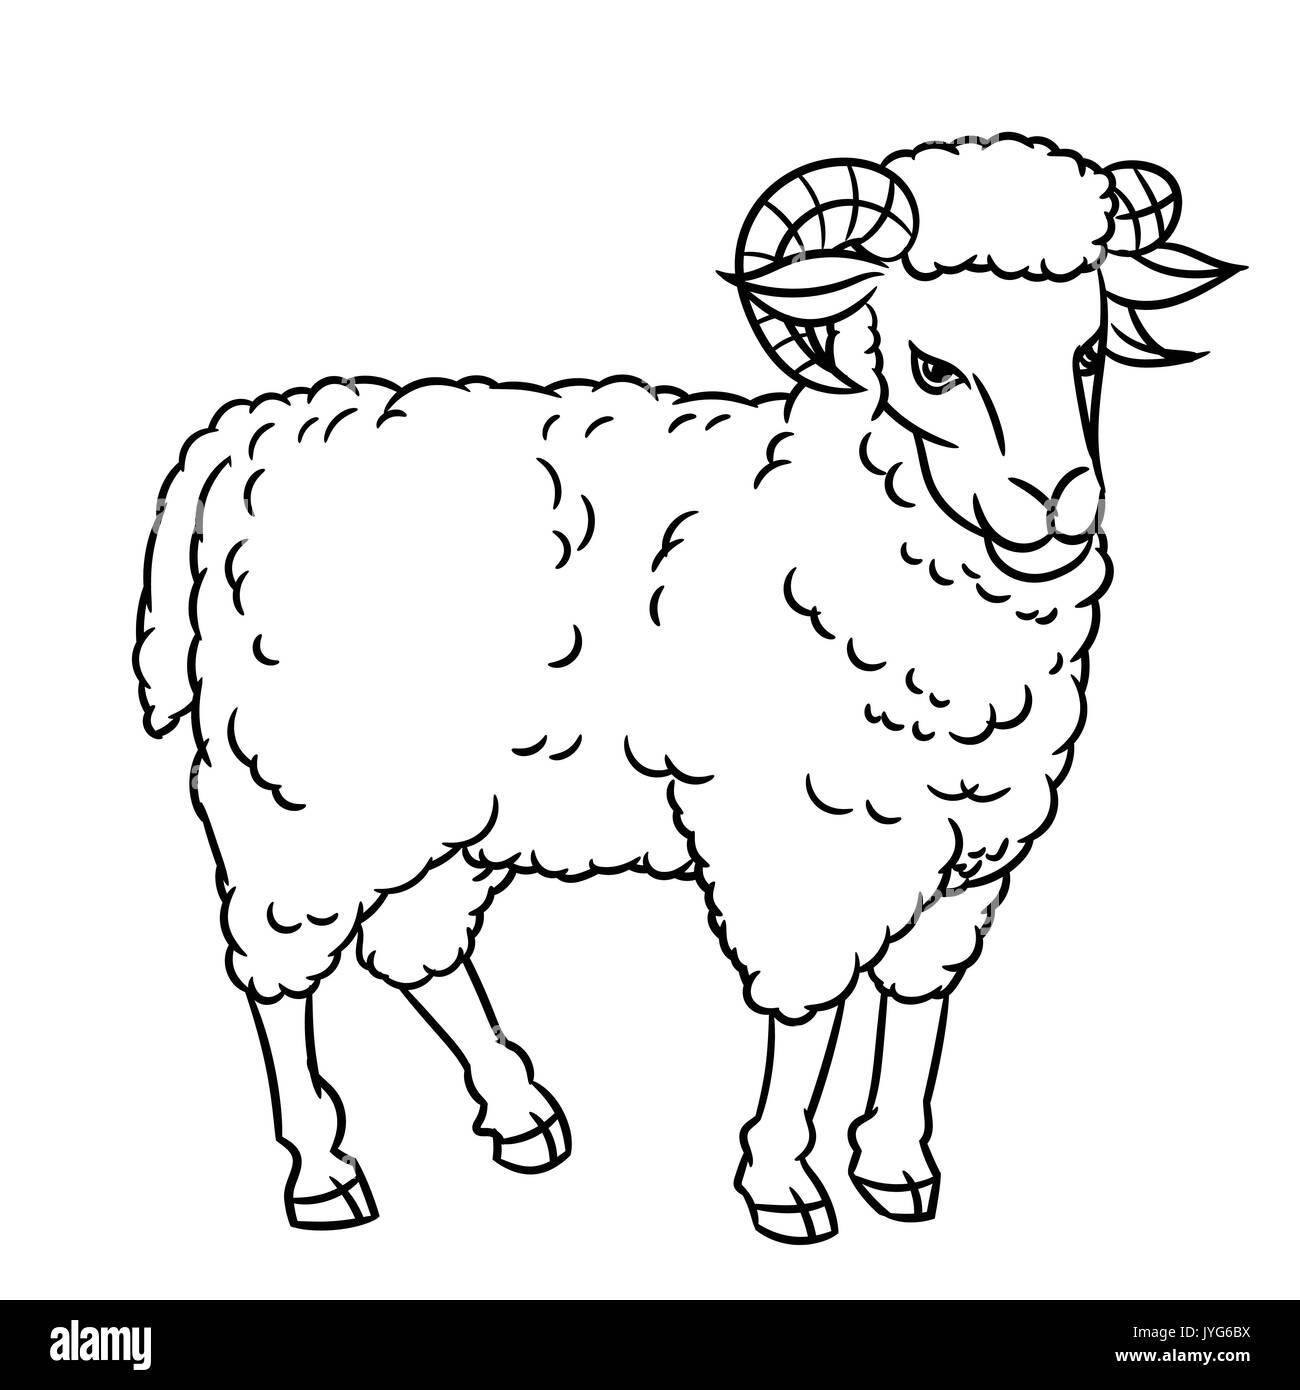 Dessin A La Main Les Moutons Les Animaux De Ferme Le Style